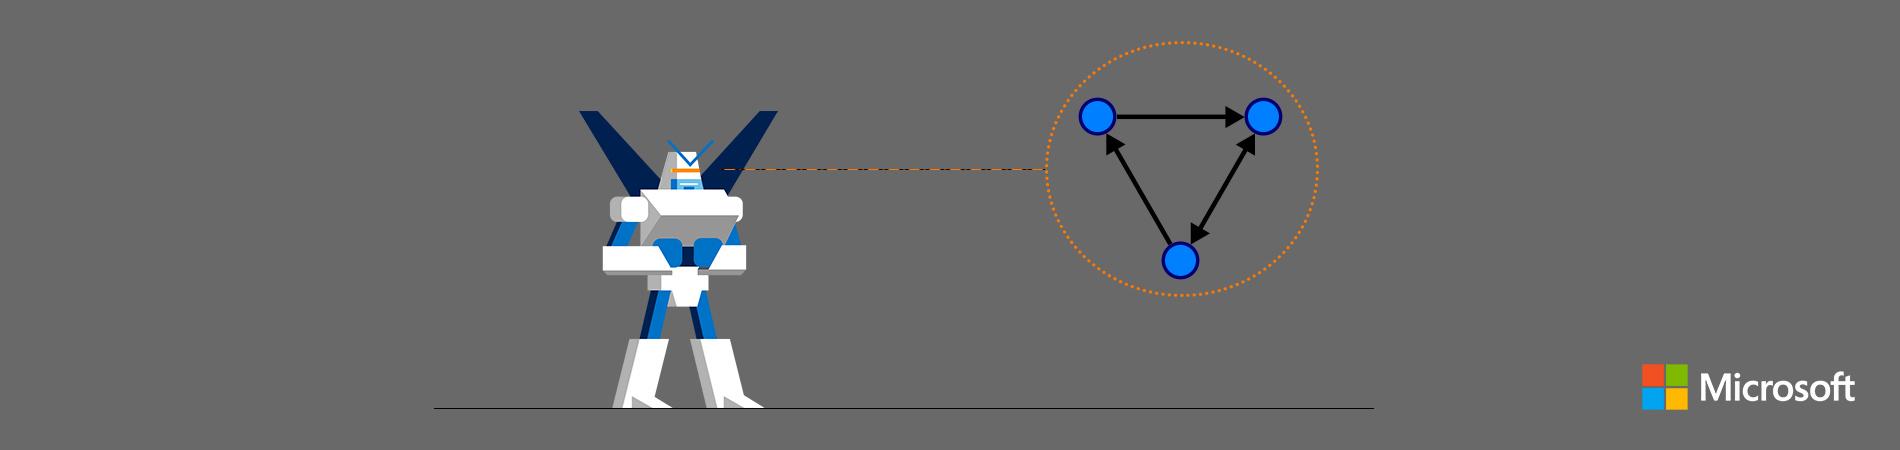 Что общего между конечными автоматами, анимацией и Xamarin.Forms - 1